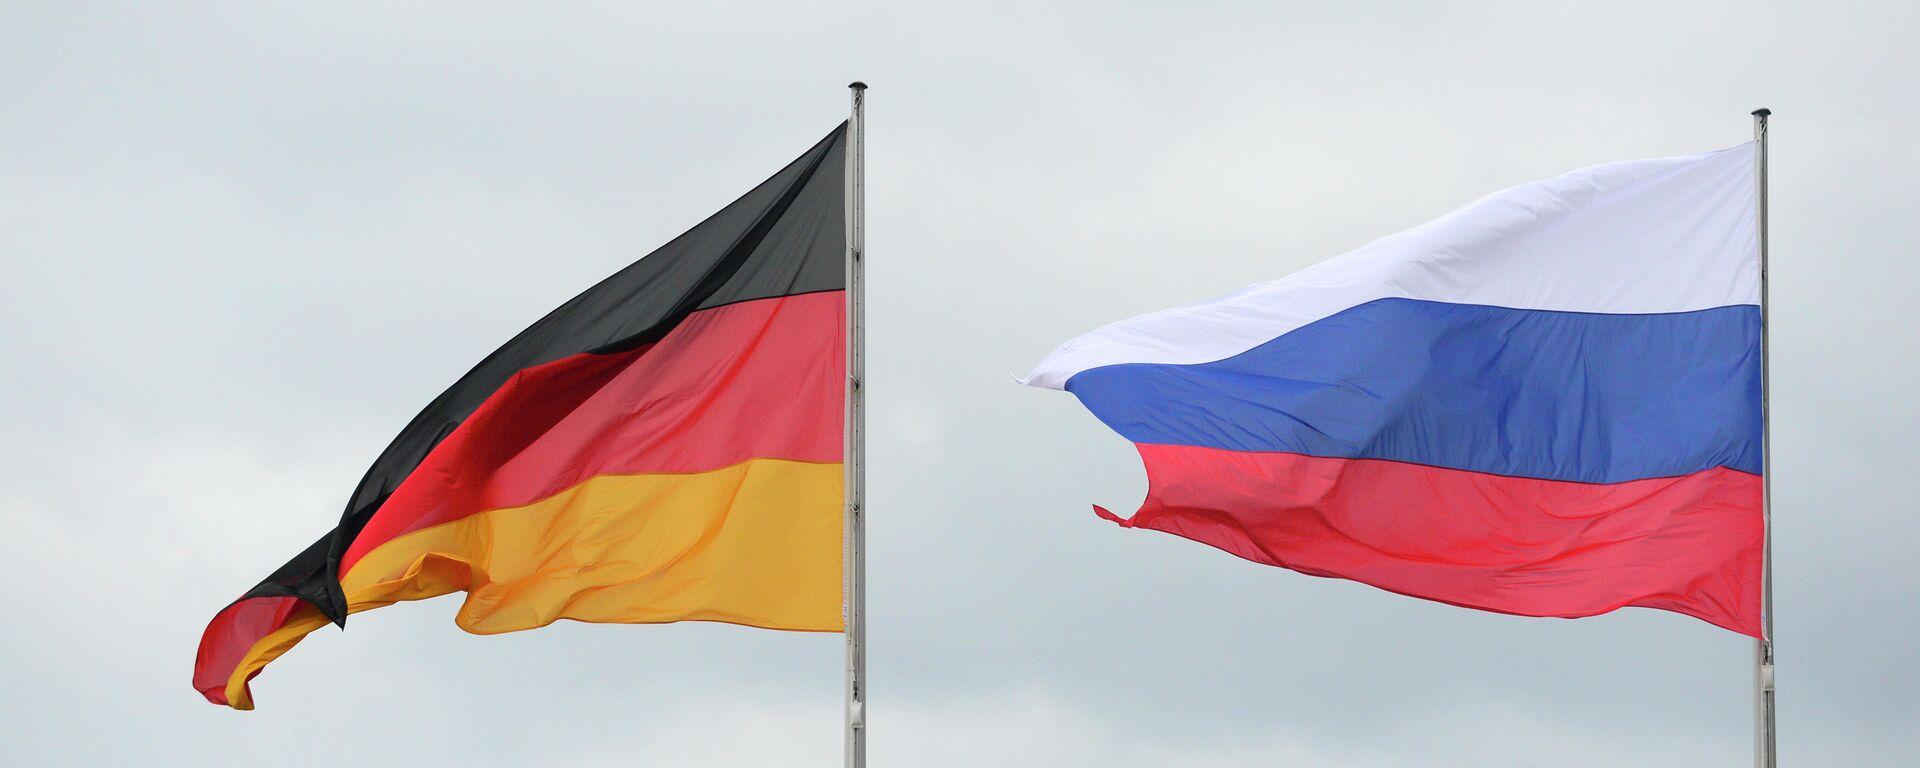 Russland und Deutschland (Symbolbild) - SNA, 1920, 04.01.2021